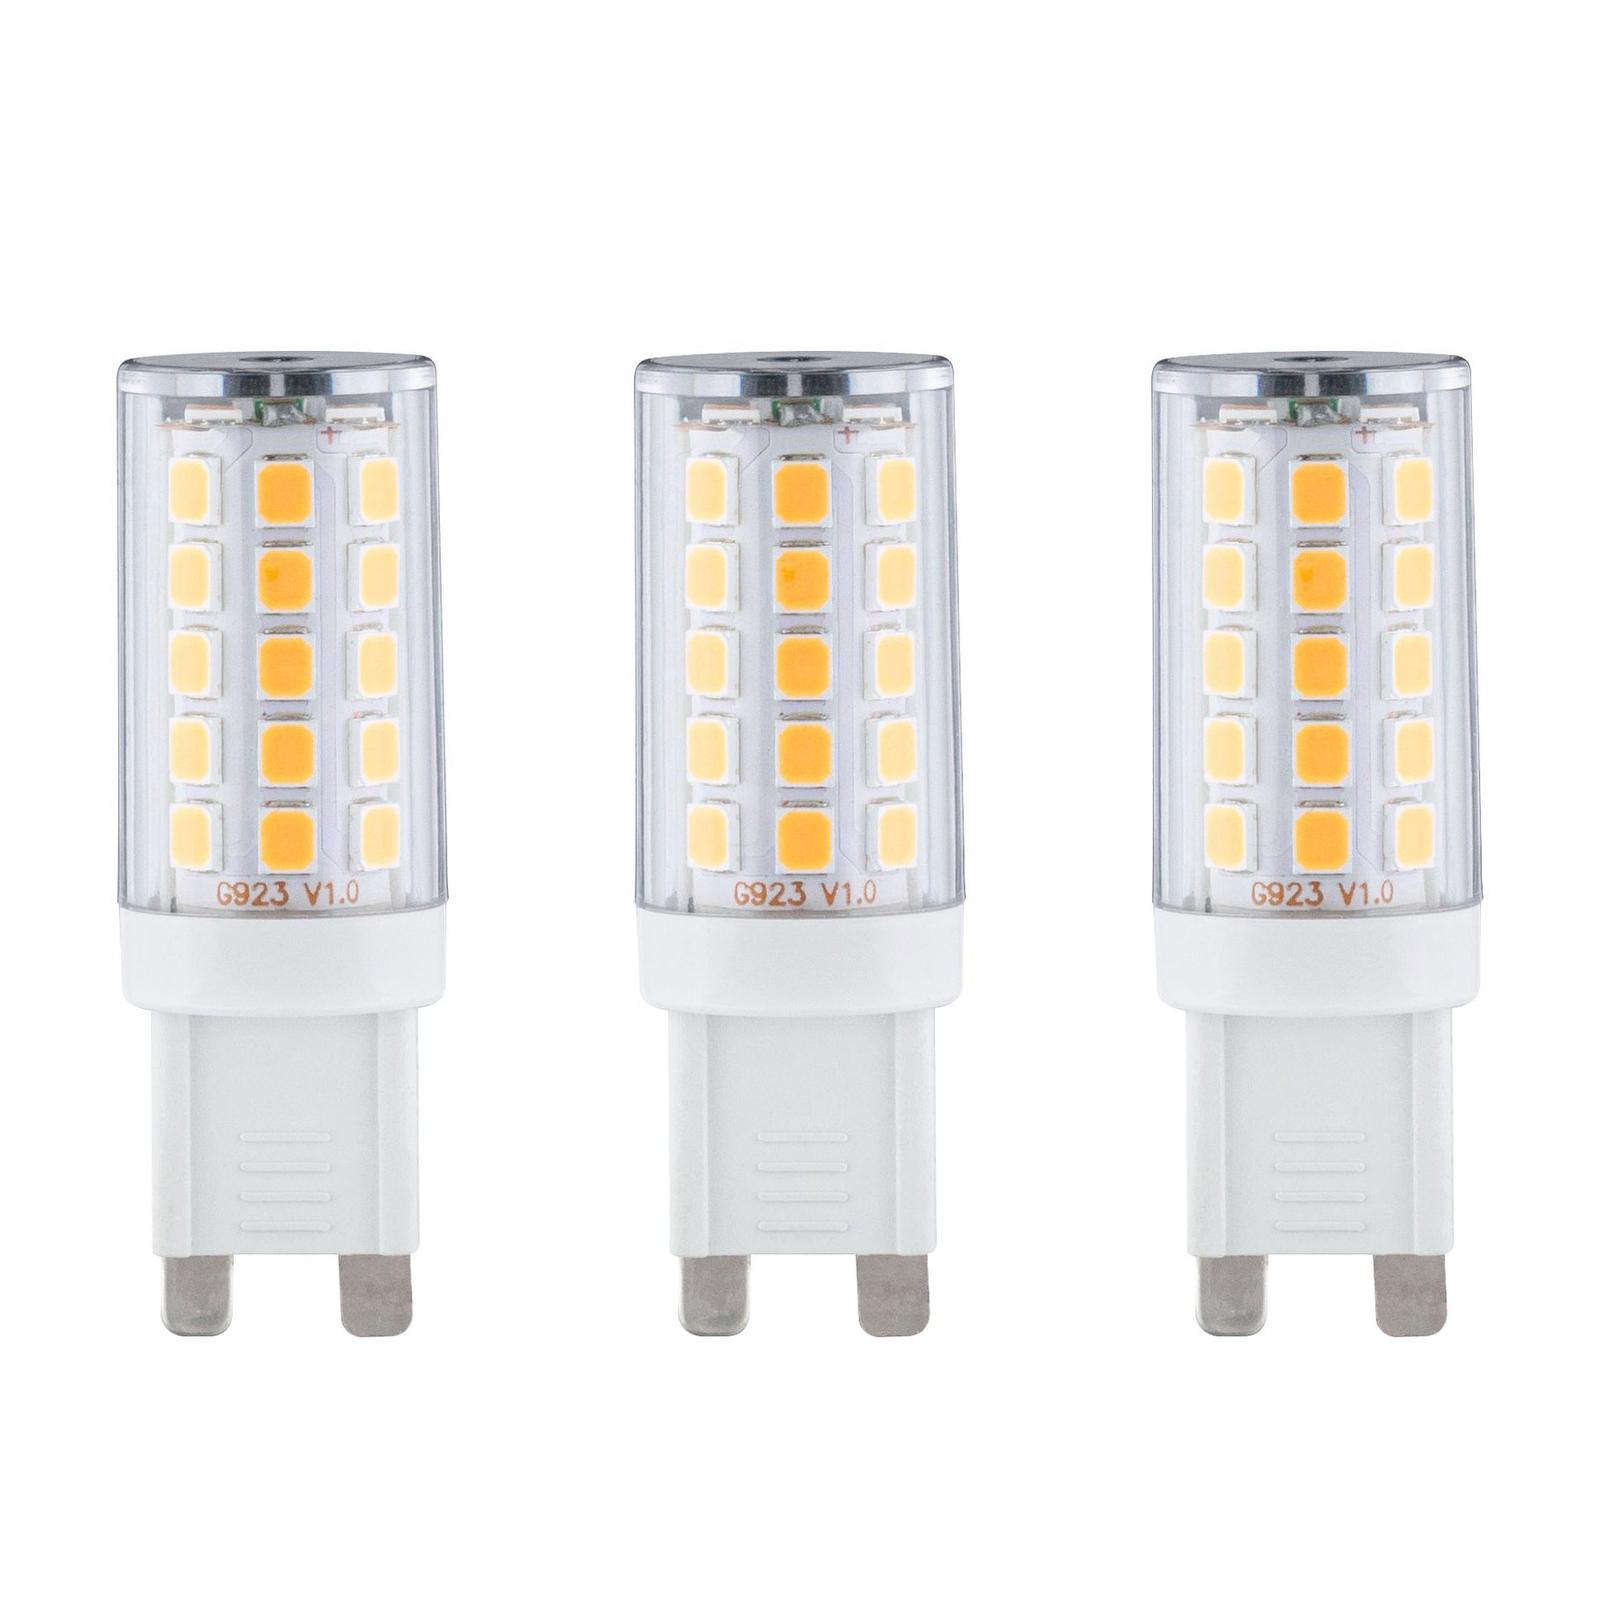 Paulmann LED-Stiftsockellampe G9 2,2W 2.700K, 3er